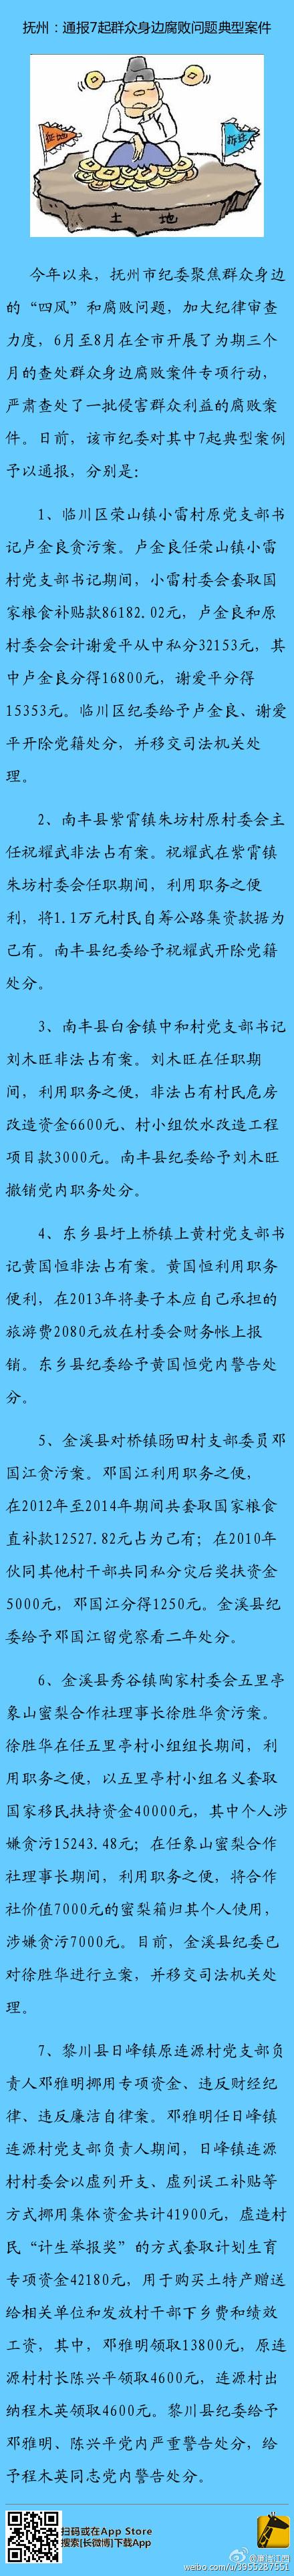 抚州通报7起腐败案件 南丰一村主任私占集资款